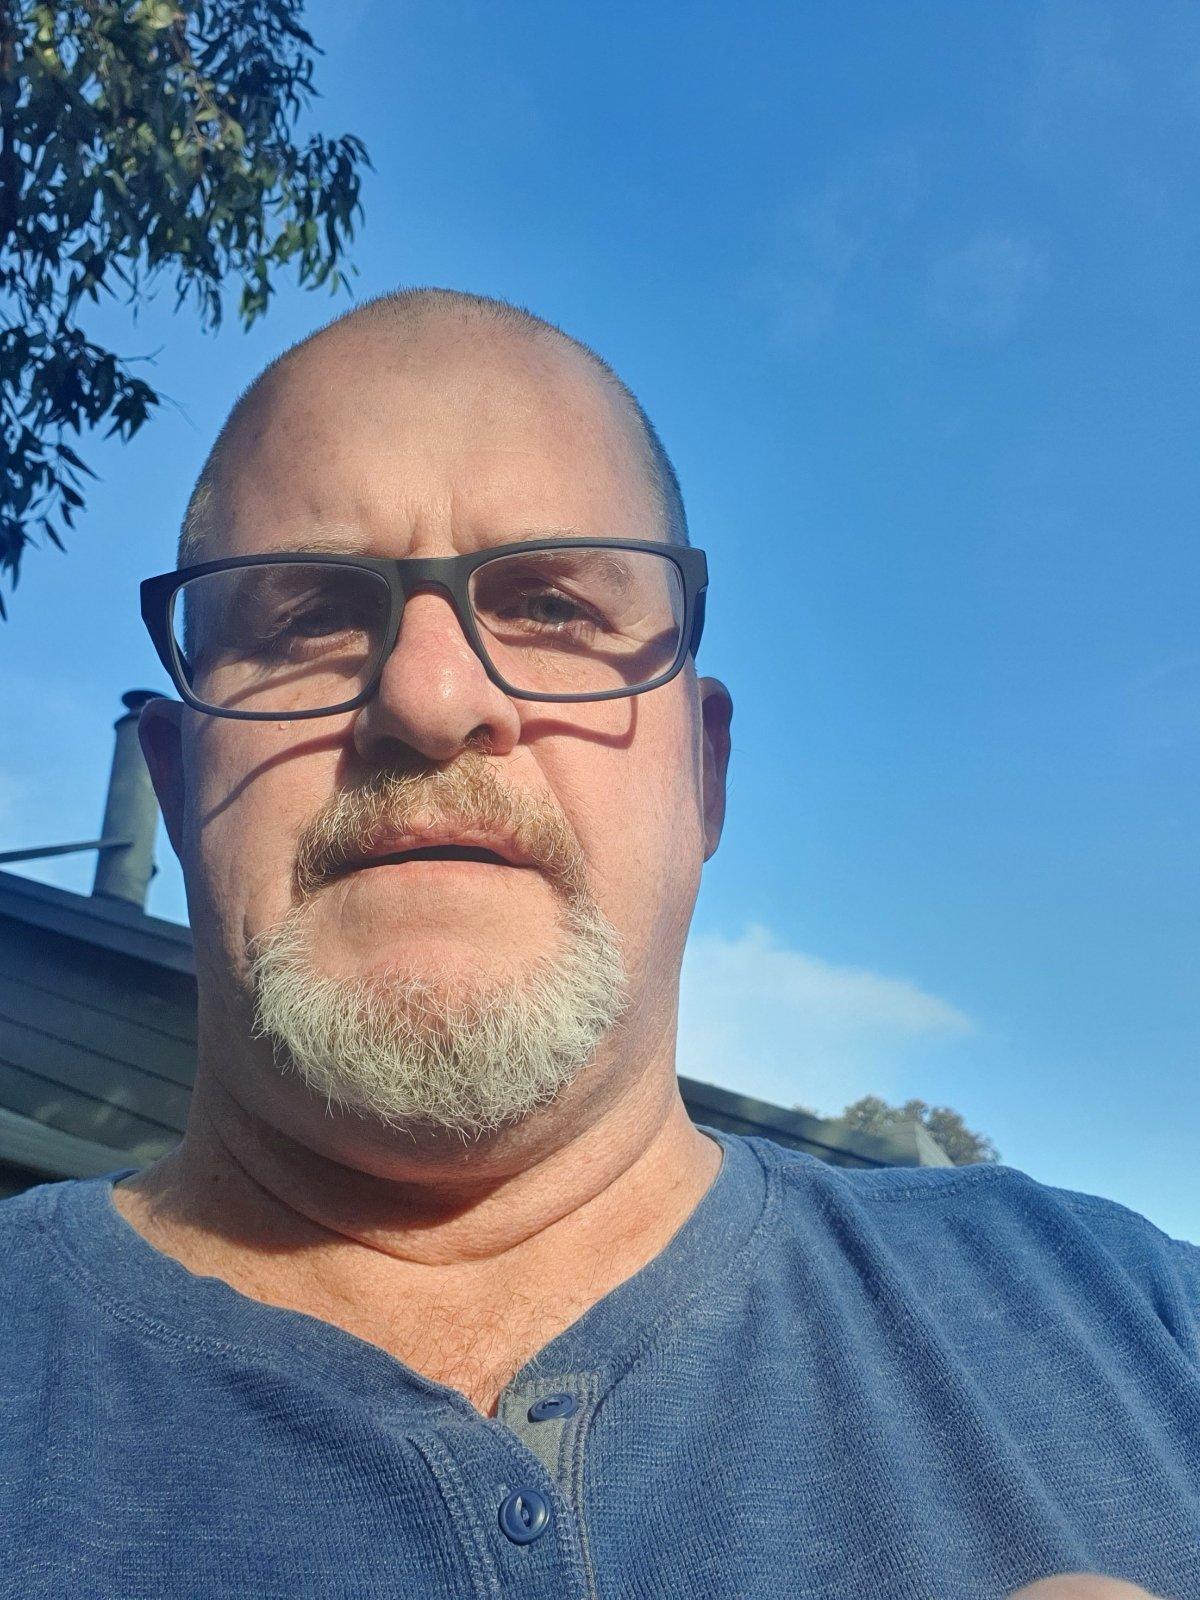 Pete6421 from Victoria,Australia